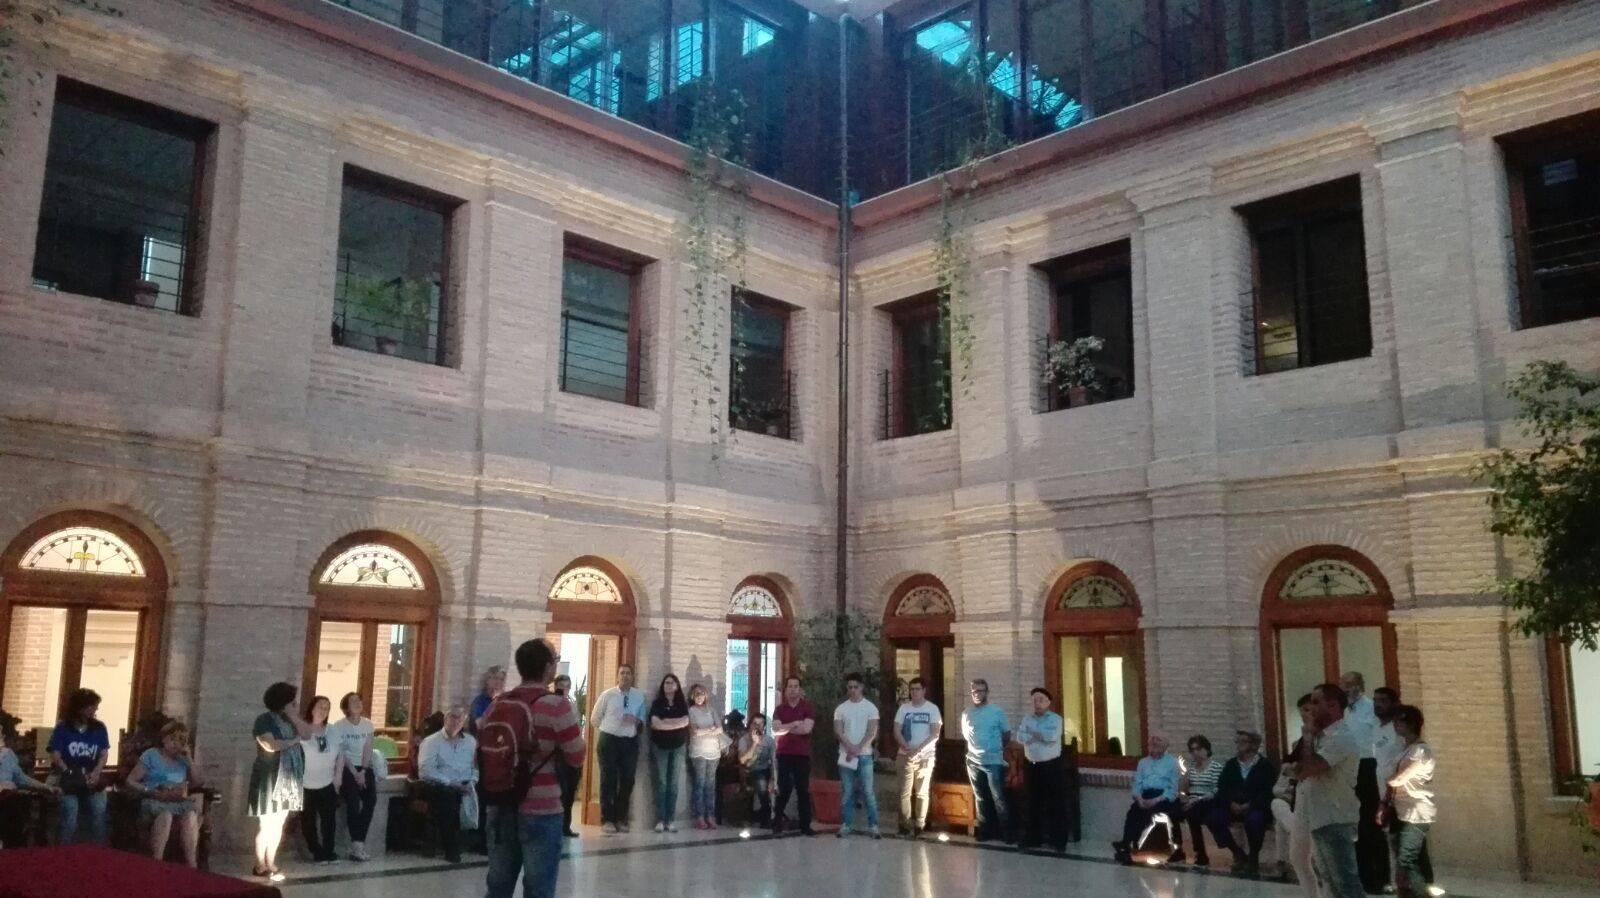 Claustro Ayuntamiento Herencia 5 - Inaugurado el antiguo Claustro del Ayuntamiento como galería artística del patrimonio histórico de Herencia